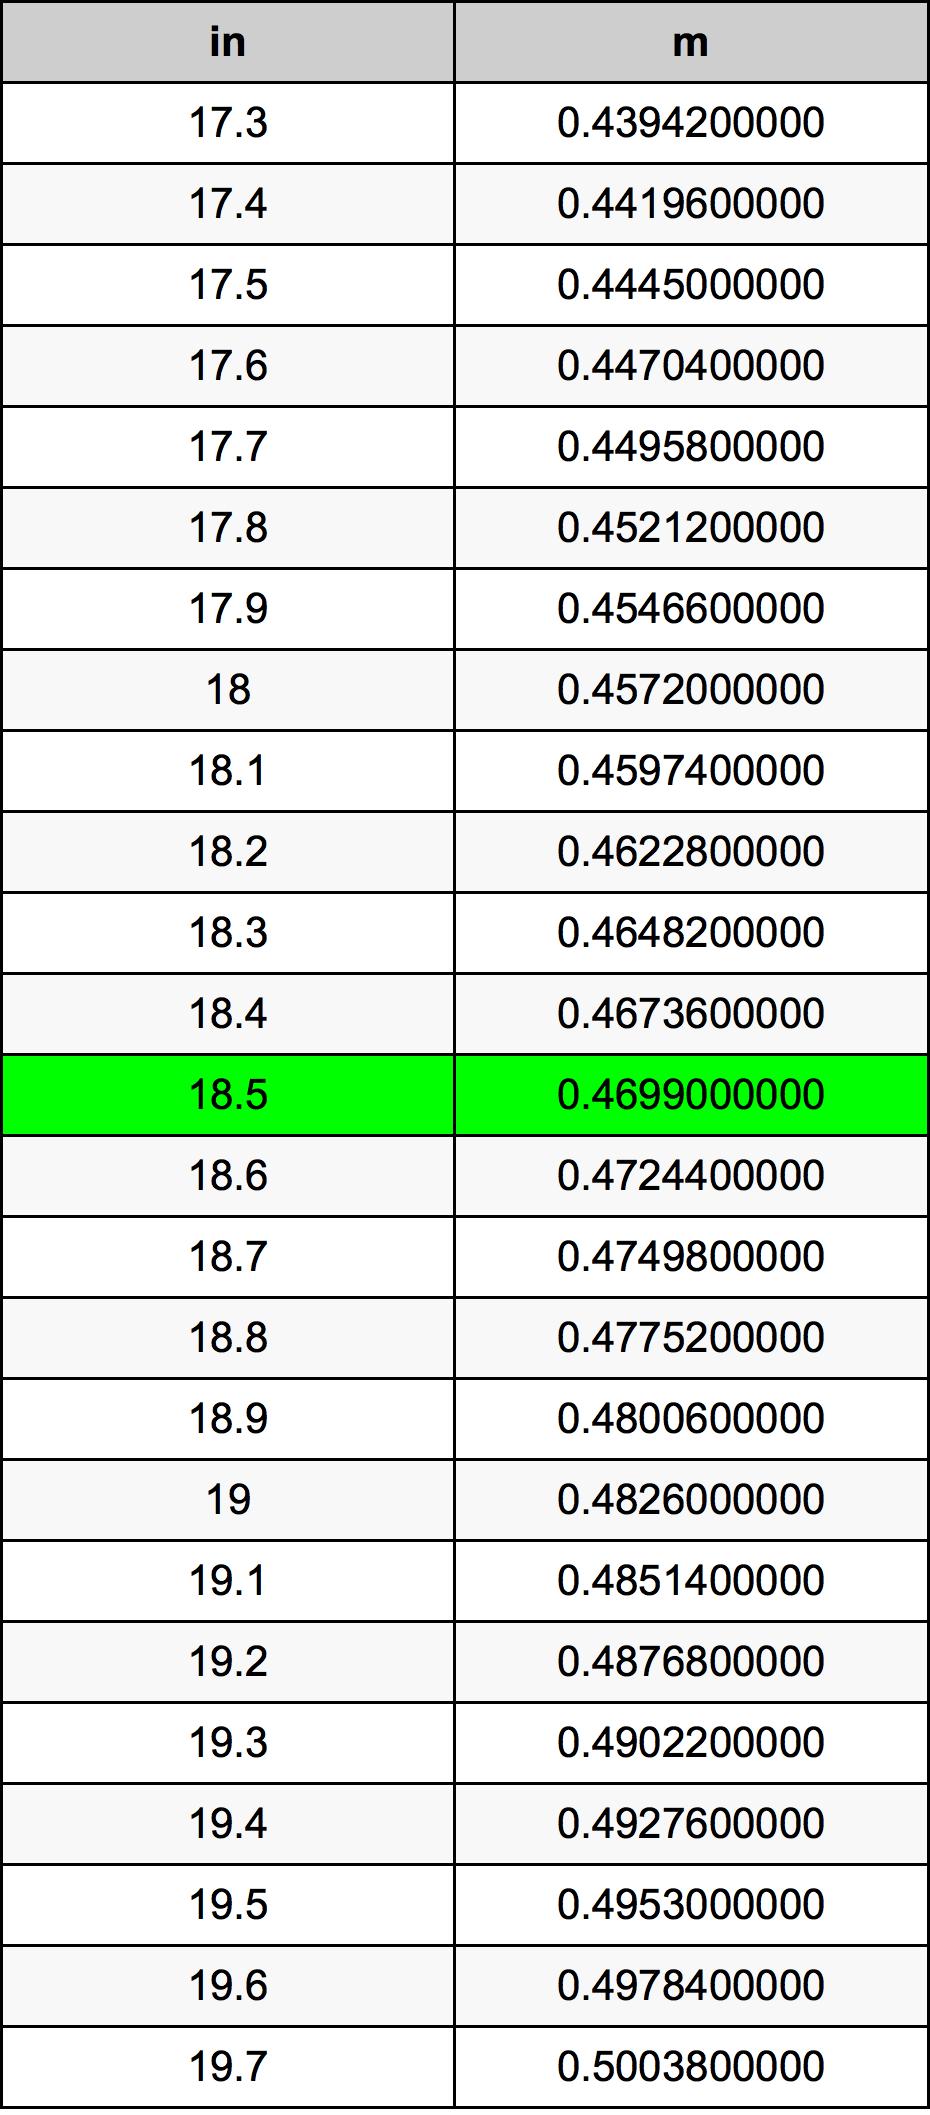 18.5 Pulzier konverżjoni tabella